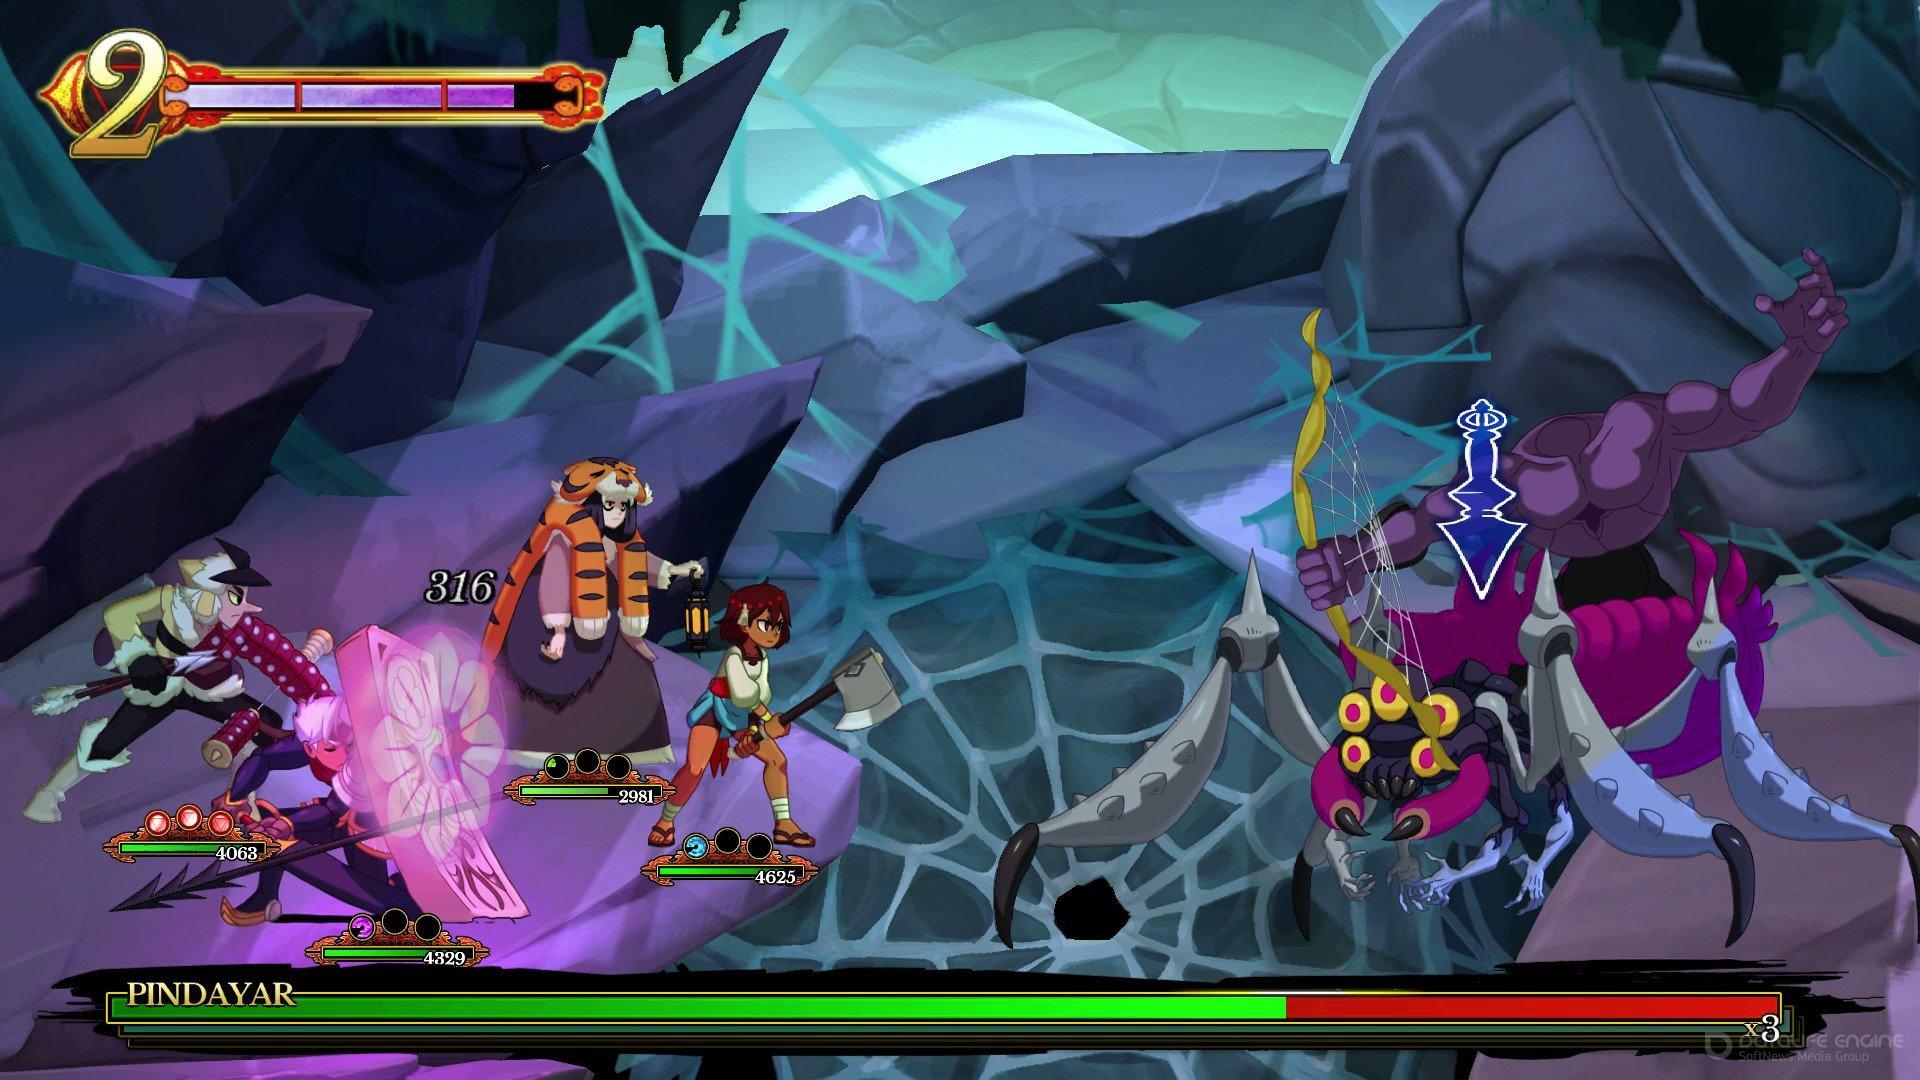 Скриншот к игре Indivisible v.42416r [GOG] (2019) скачать торрент Лицензия